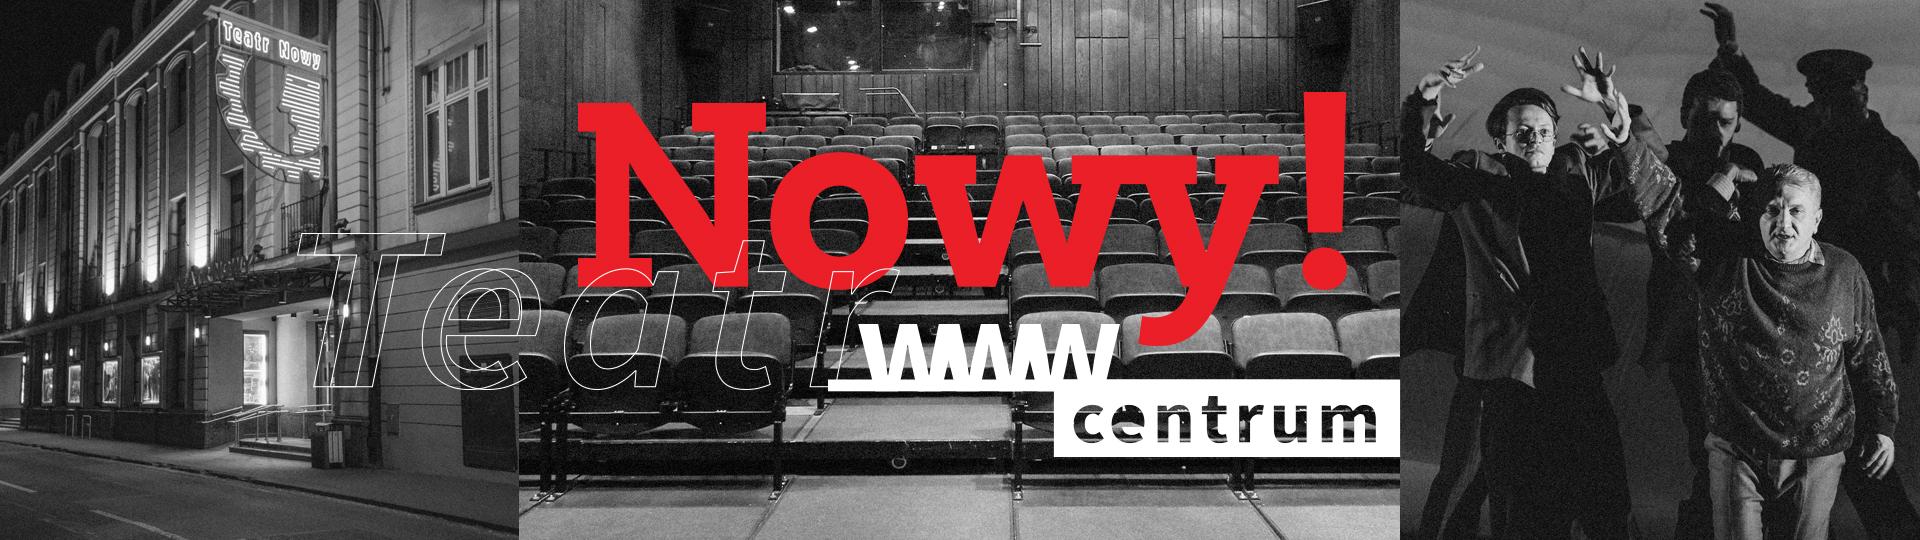 Teatr Nowy im. Kazimierza Dejmka w Łodzi